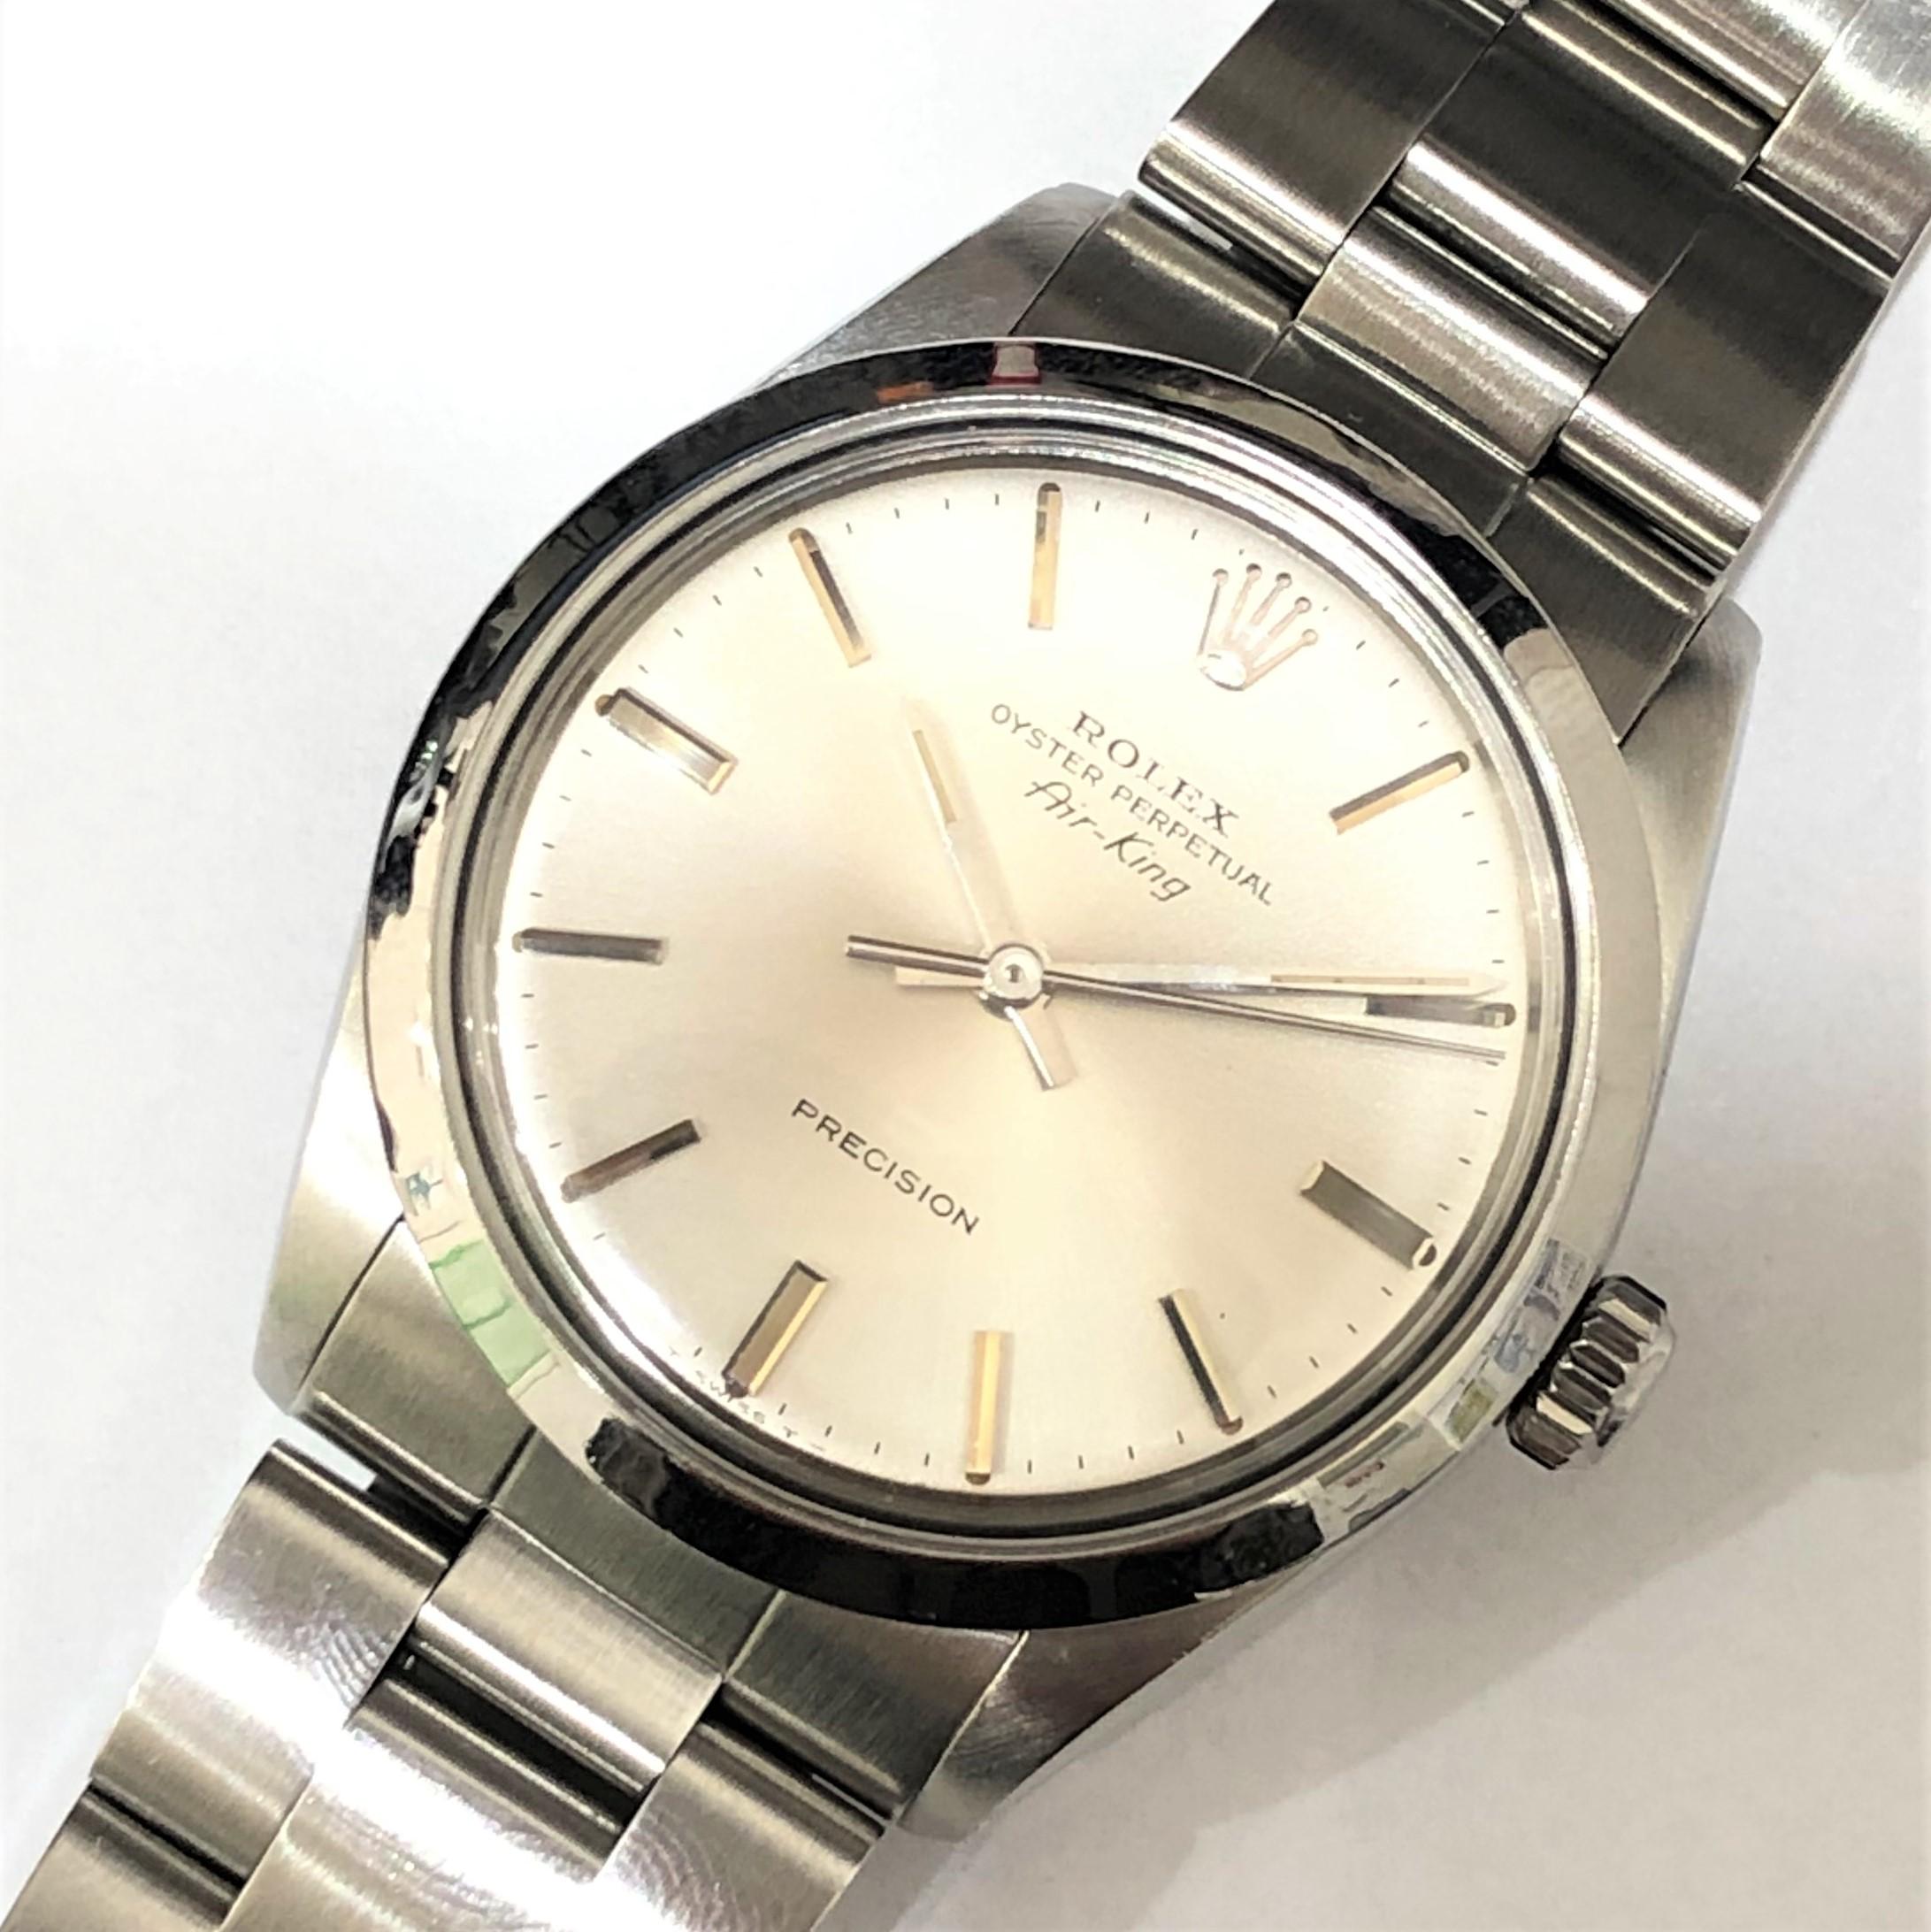 【ROLEX/ロレックス】エアキング 5500 L番 AT 腕時計